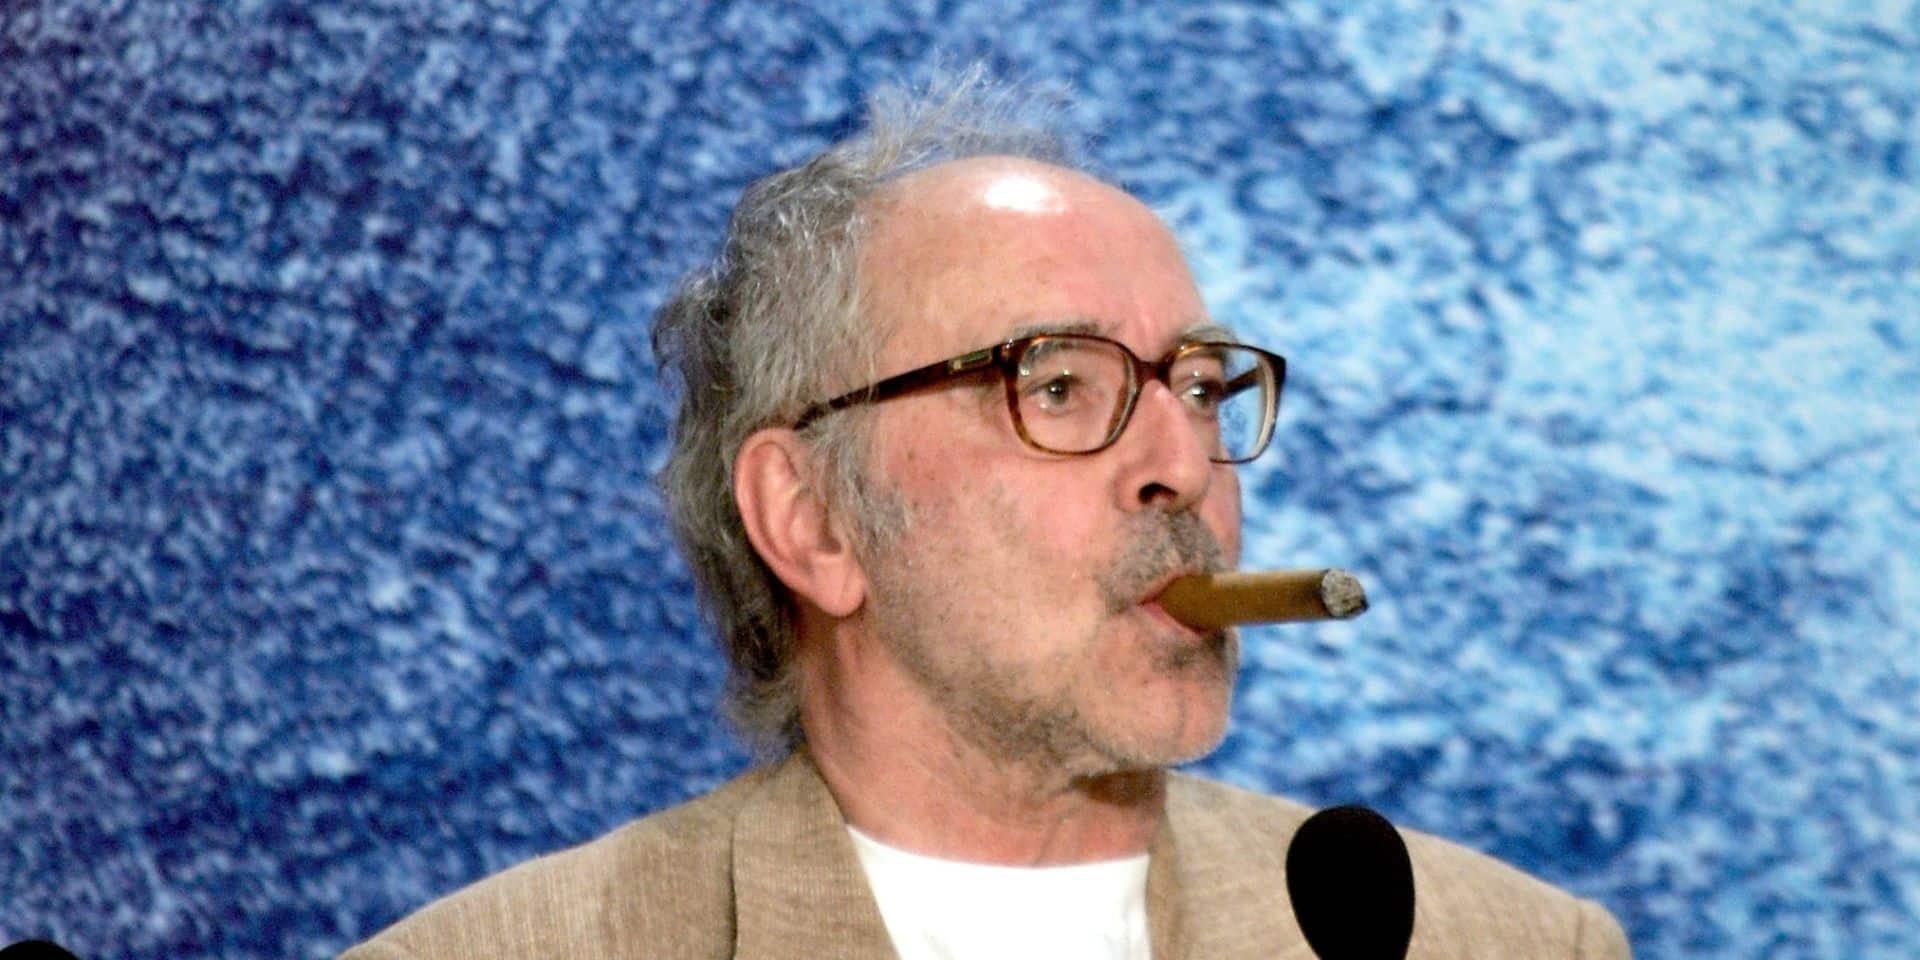 Jean-Luc Godard veut encore tourner deux films : ah bon, il n'était pas déjà à la retraite ?